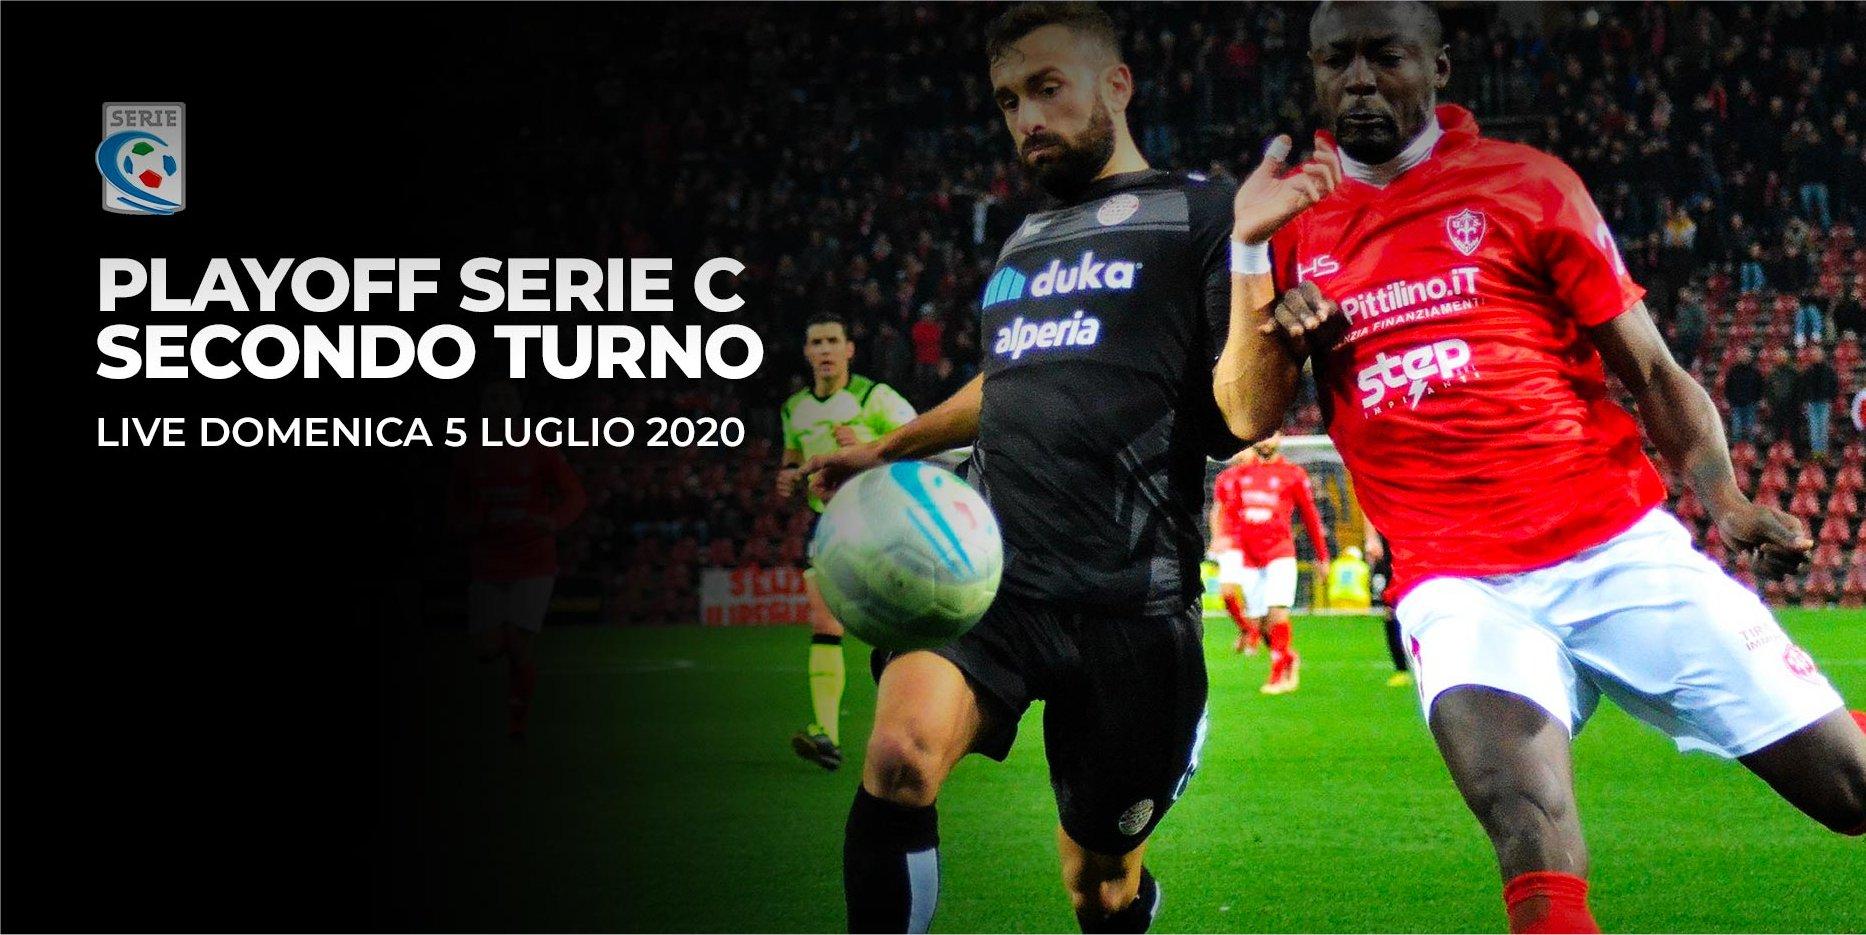 Serie C TV, Playoff 2 Turno - Programma e Telecronisti Eleven Sports